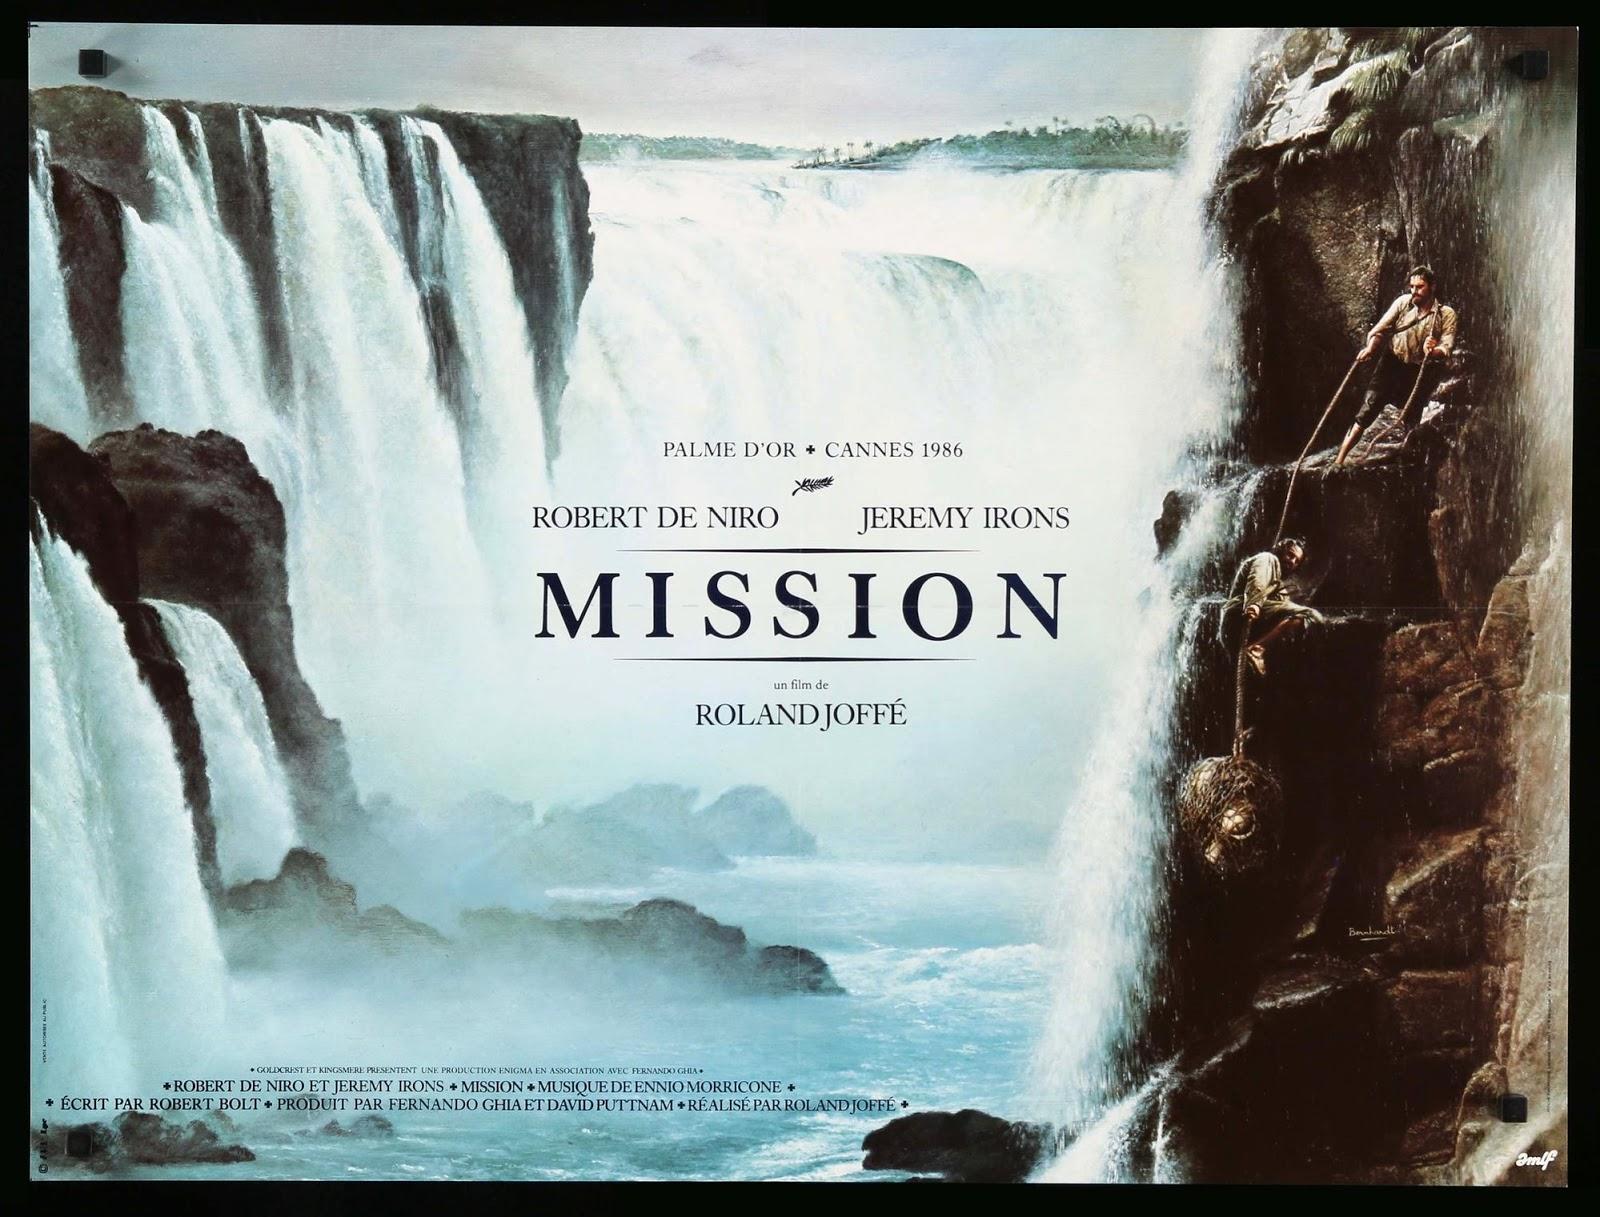 https://1.bp.blogspot.com/-Fx2oevMiSWU/XYubx8B7cII/AAAAAAAAQwo/814Sappeq7gJyZKynut69PGQrjChuL5IwCLcBGAsYHQ/s1600/Mission_1986_french_original_film_art_2000x.jpg